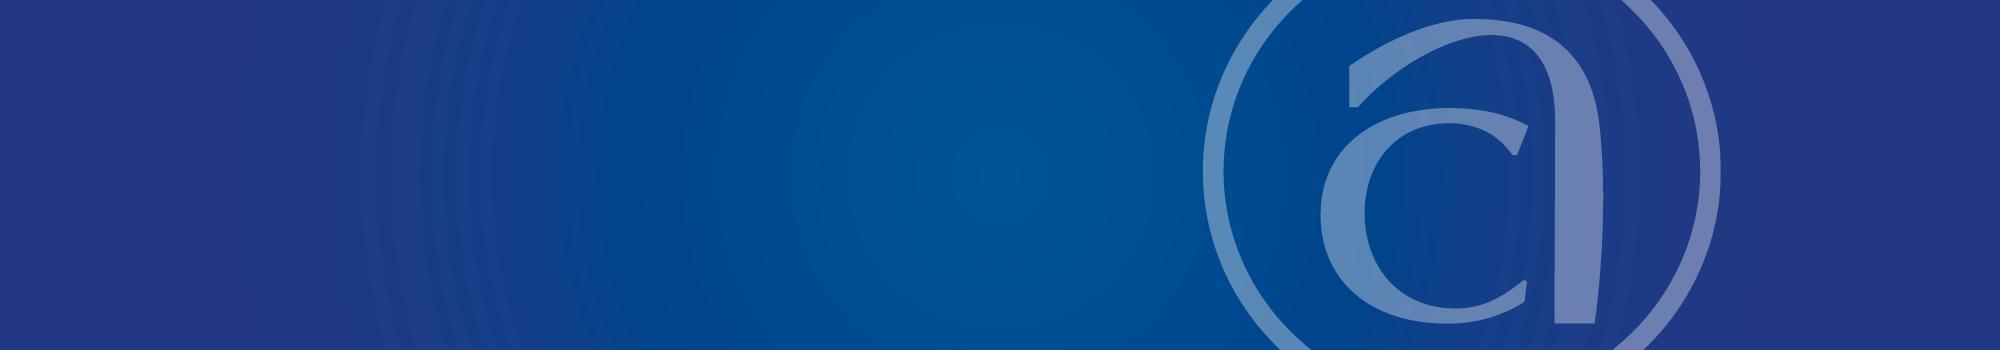 2017-04-21-Slider-assemblea-privata_